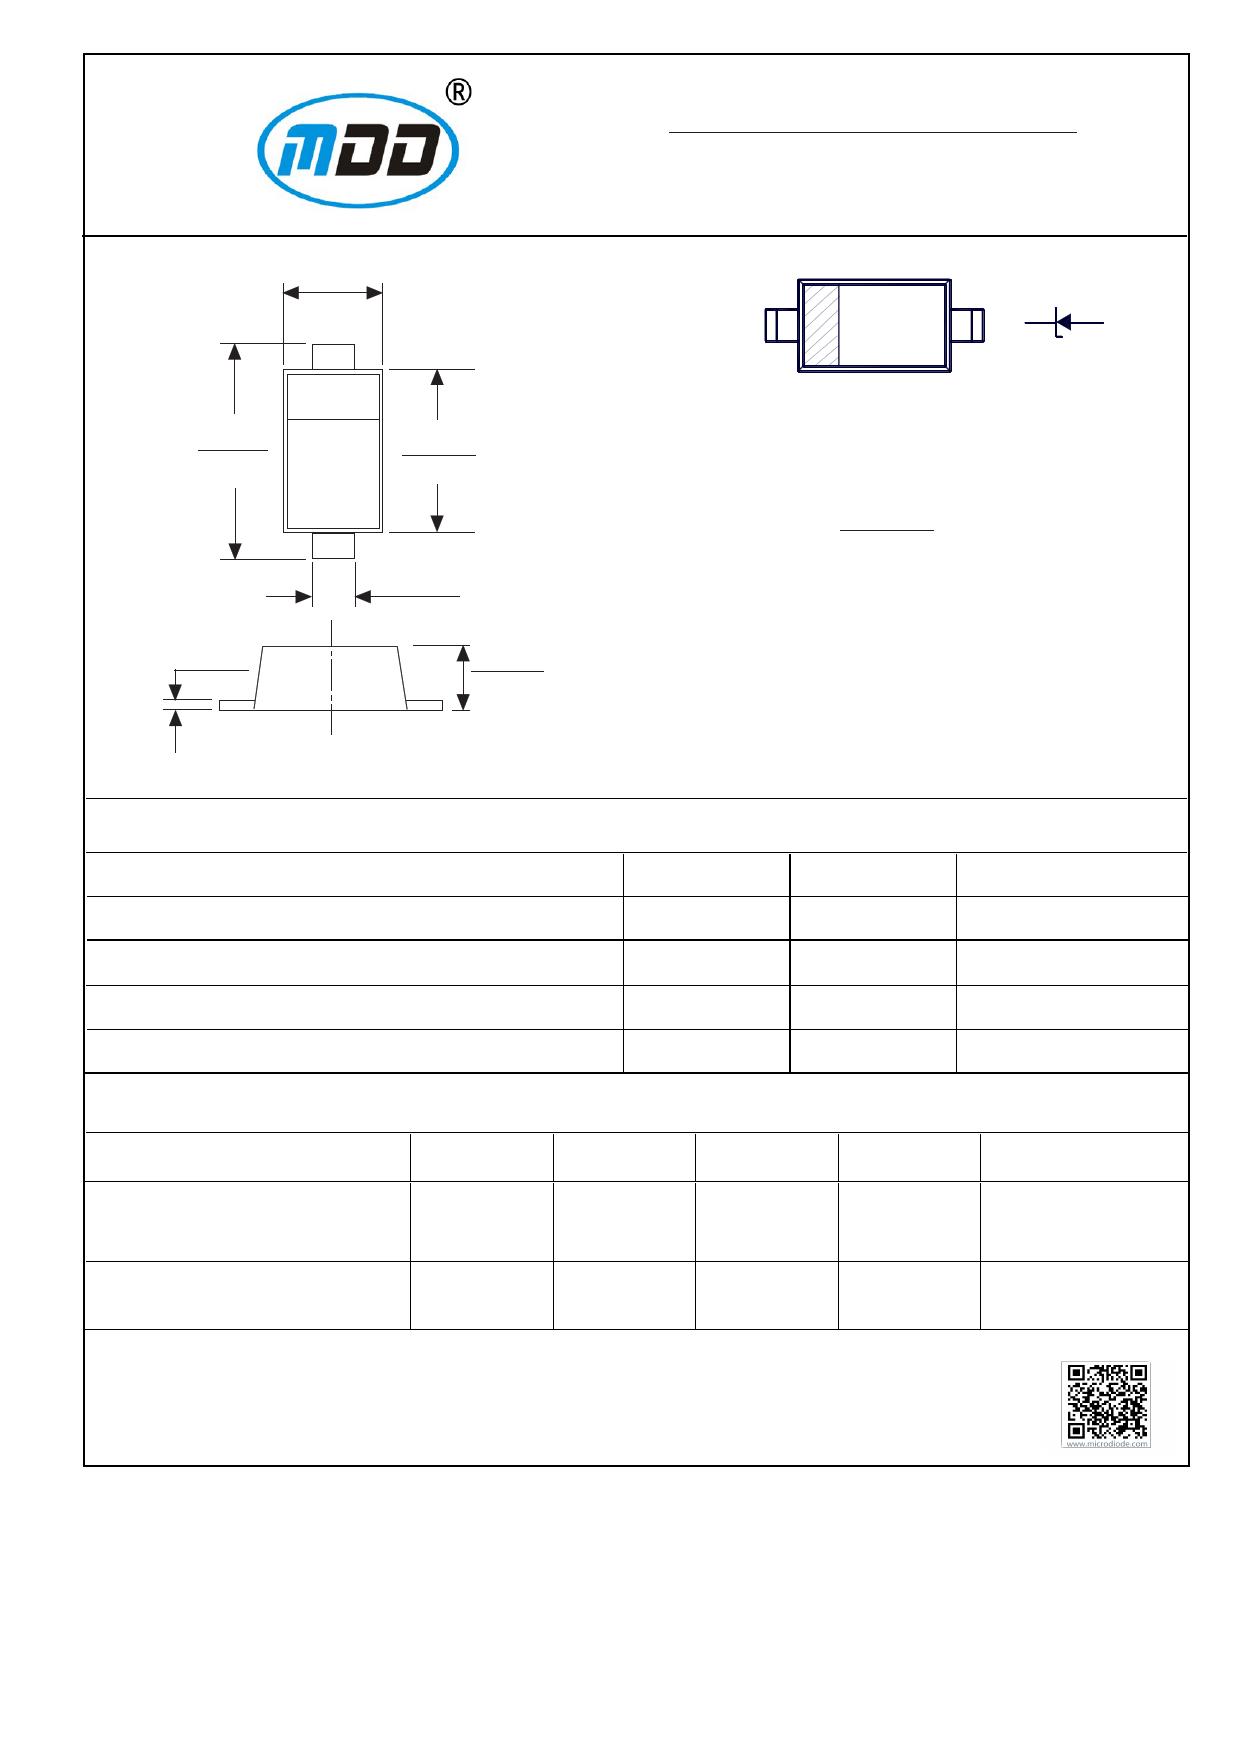 MM1Z62 datasheet